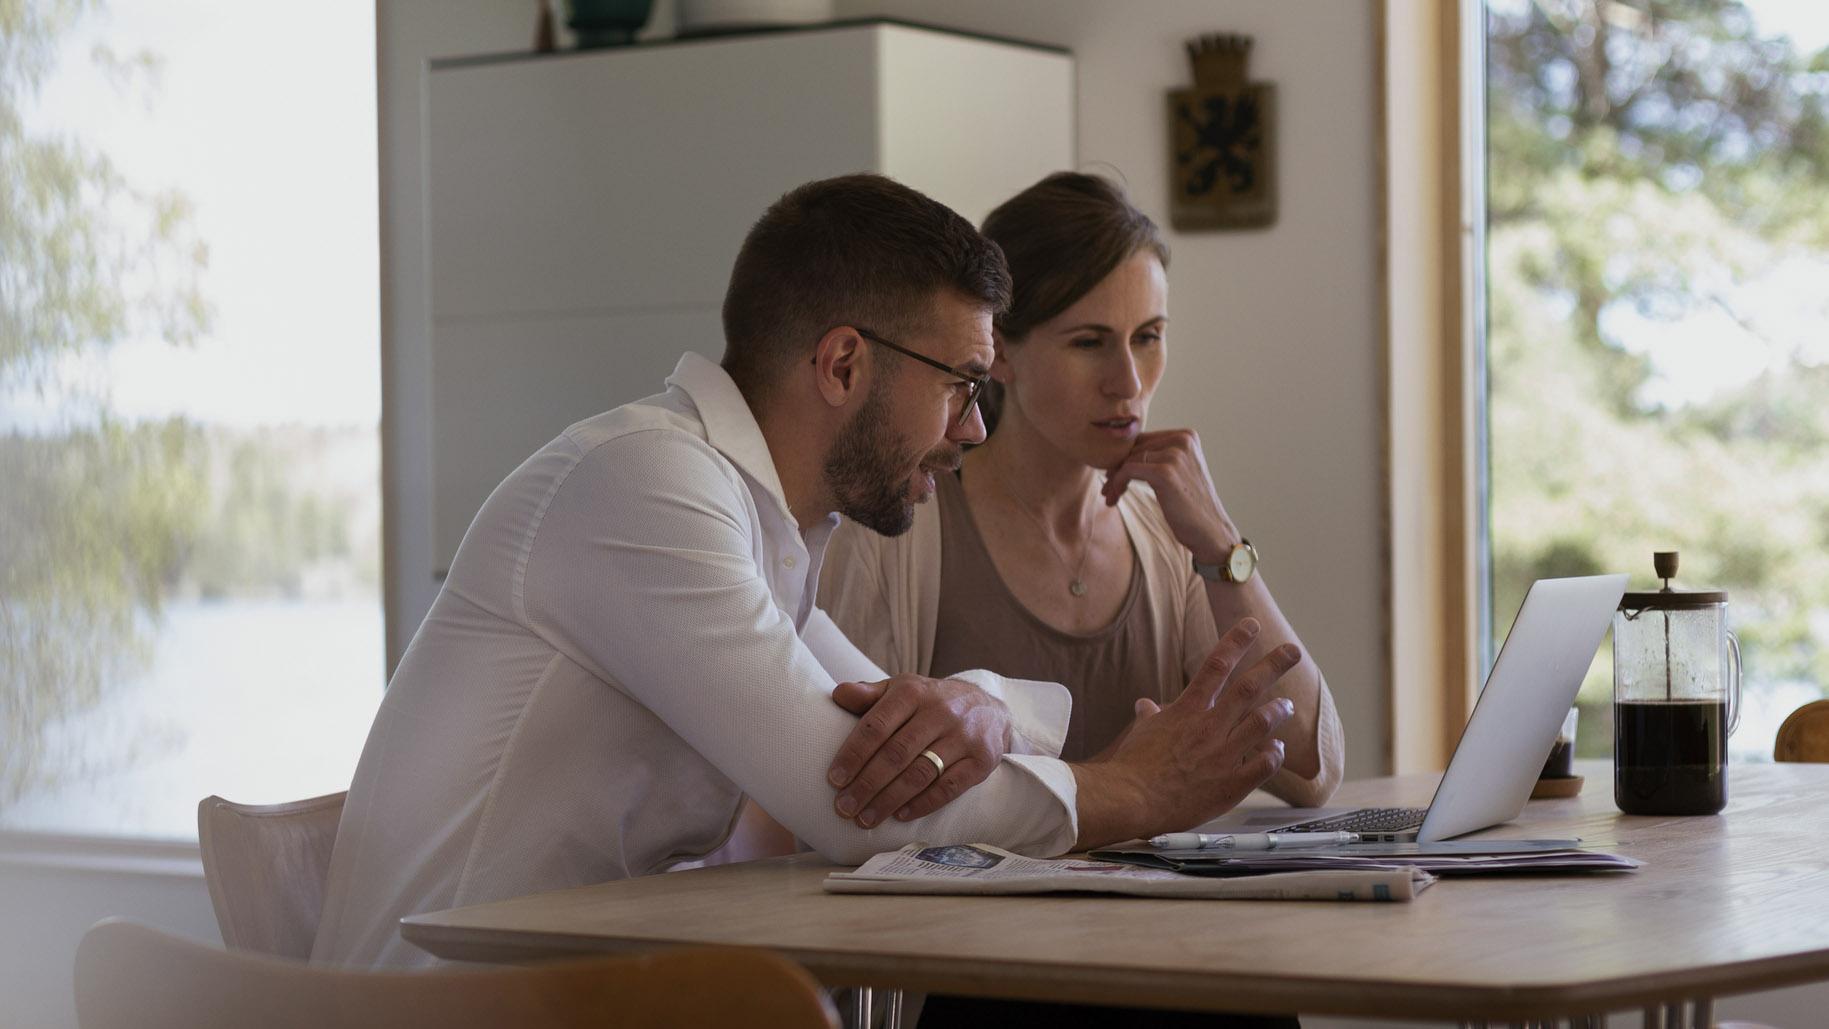 Näin voit vaurastua lainasi avulla - Lue viisi tapaa, joilla pankki voi tukea vaurastumistasi